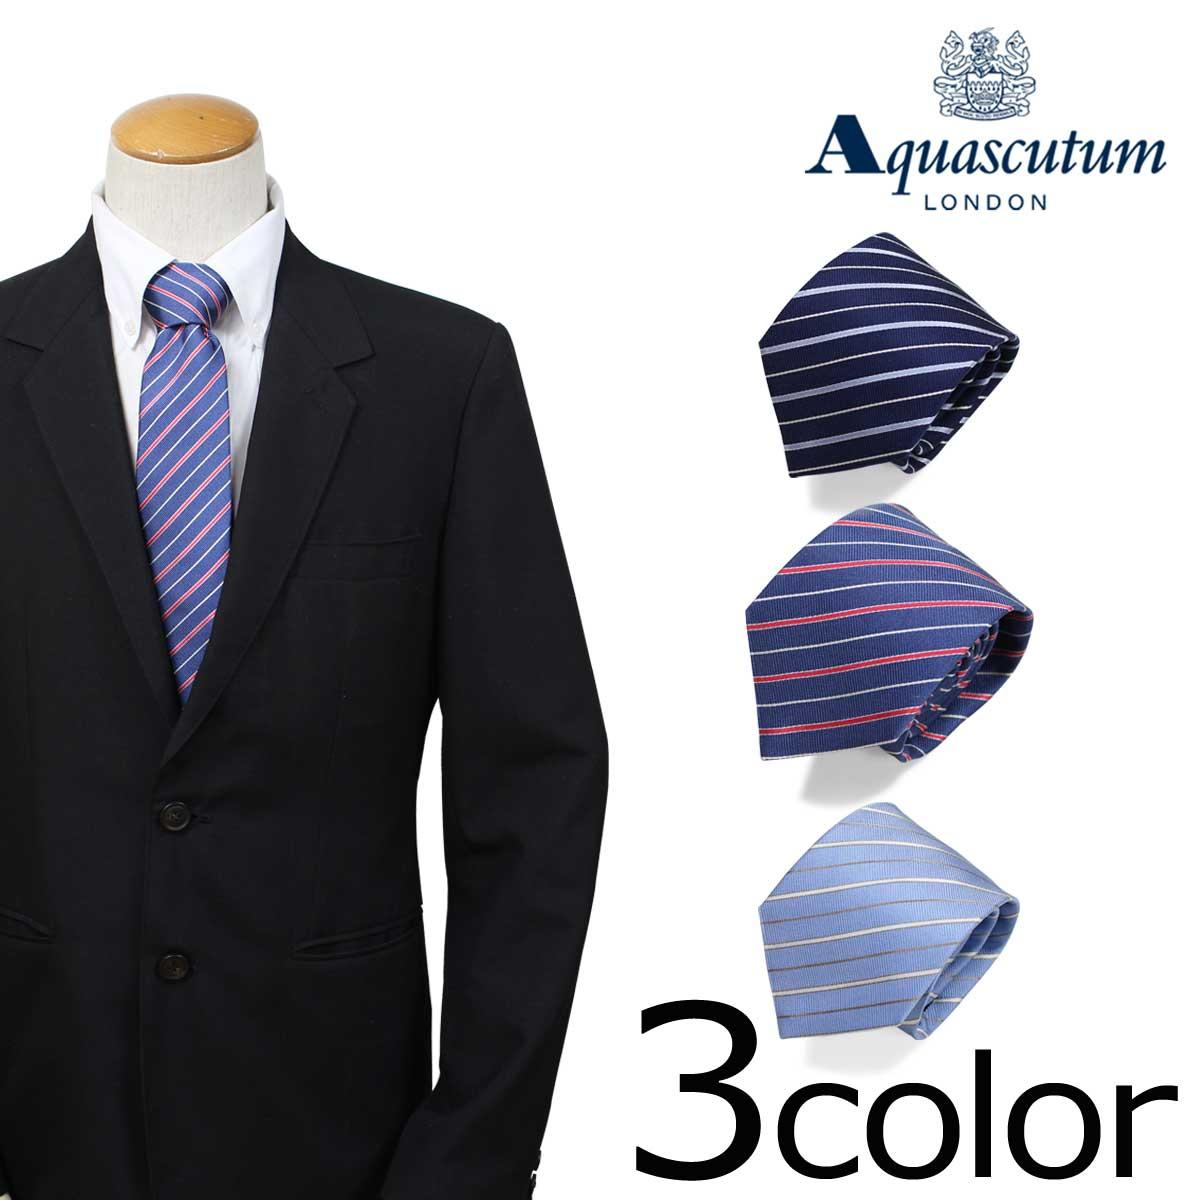 AQUASCUTUM アクアスキュータム ネクタイ イタリア製 シルク ビジネス 結婚式 メンズ [3/20 新入荷] [183]